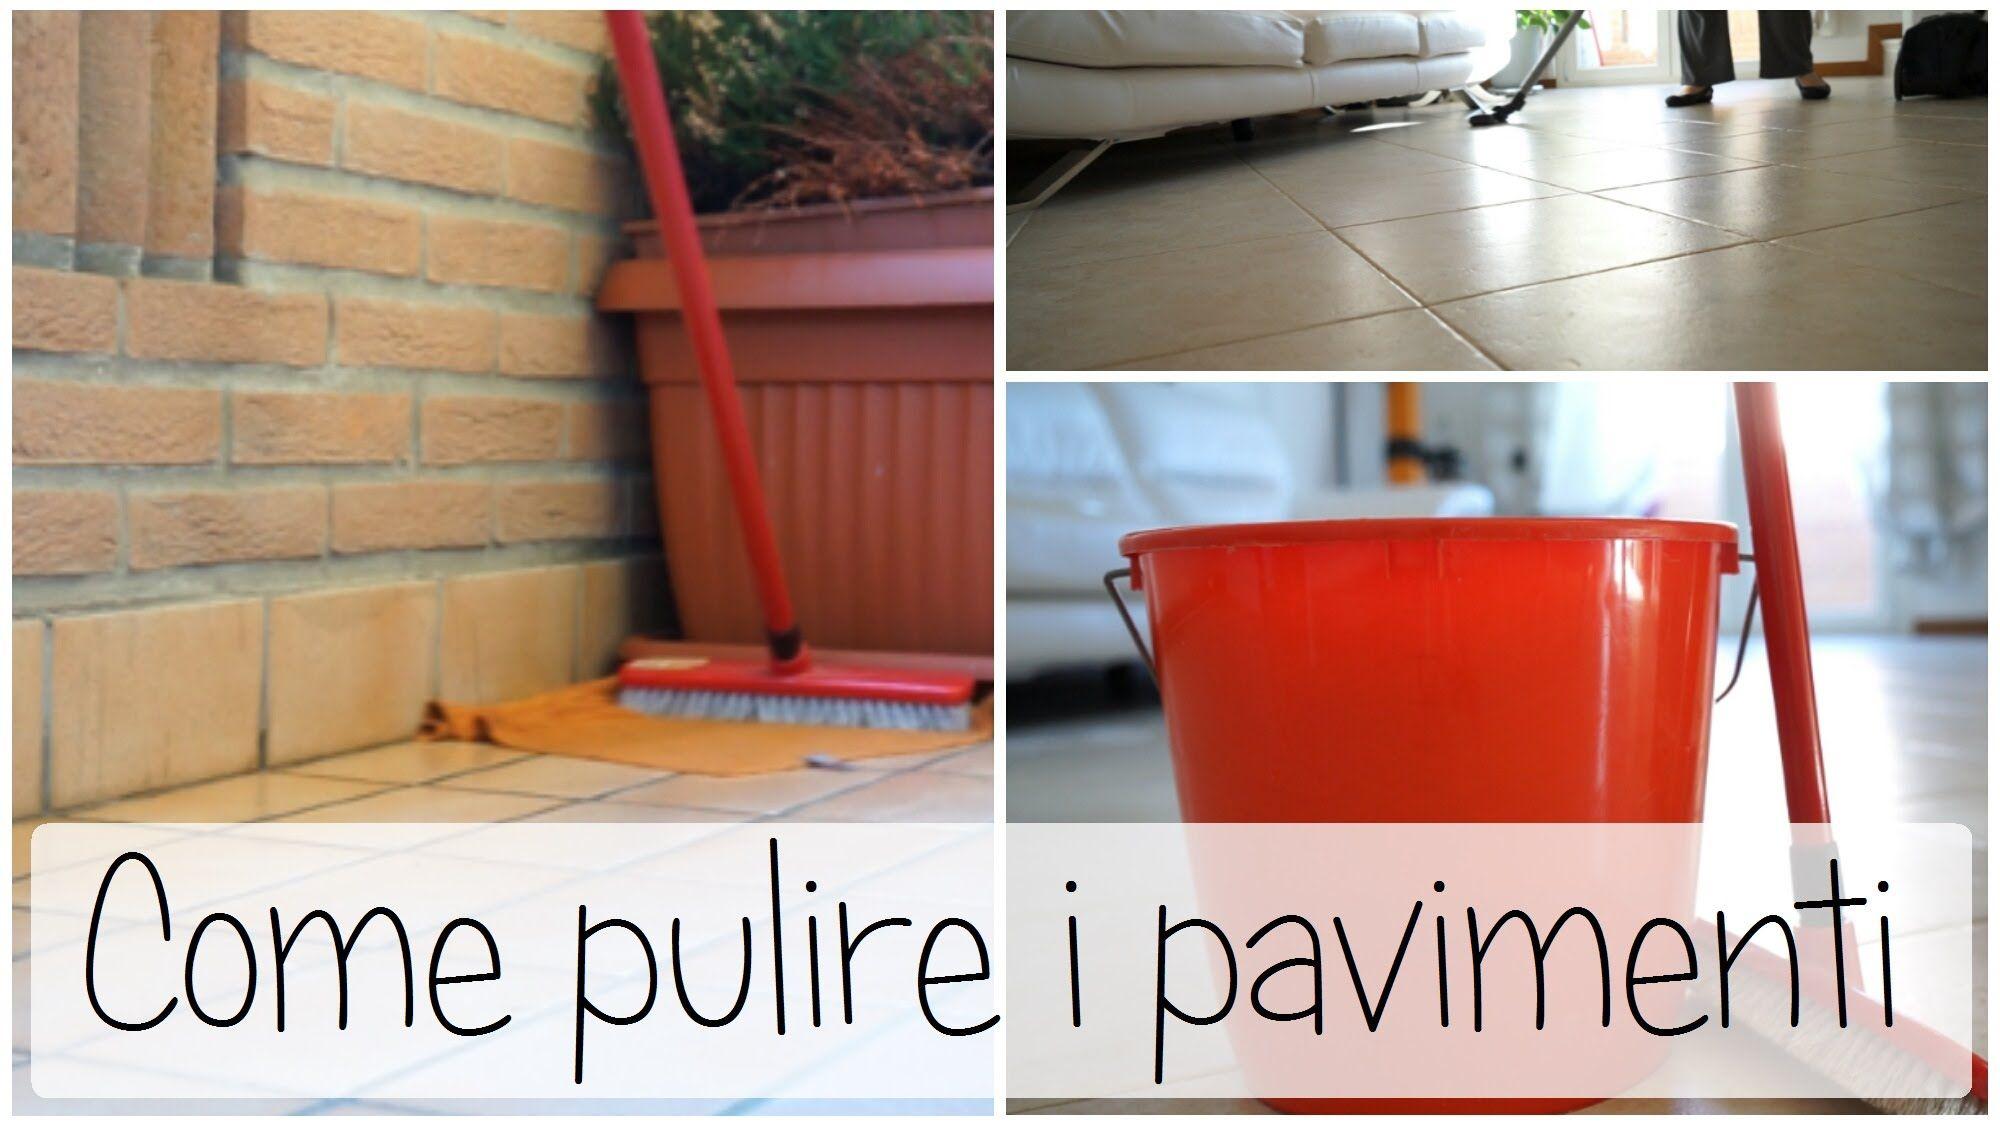 Come Pulire L Ottone Ossidato pulizie facili #2 - pavimenti   l'angolo del focolare